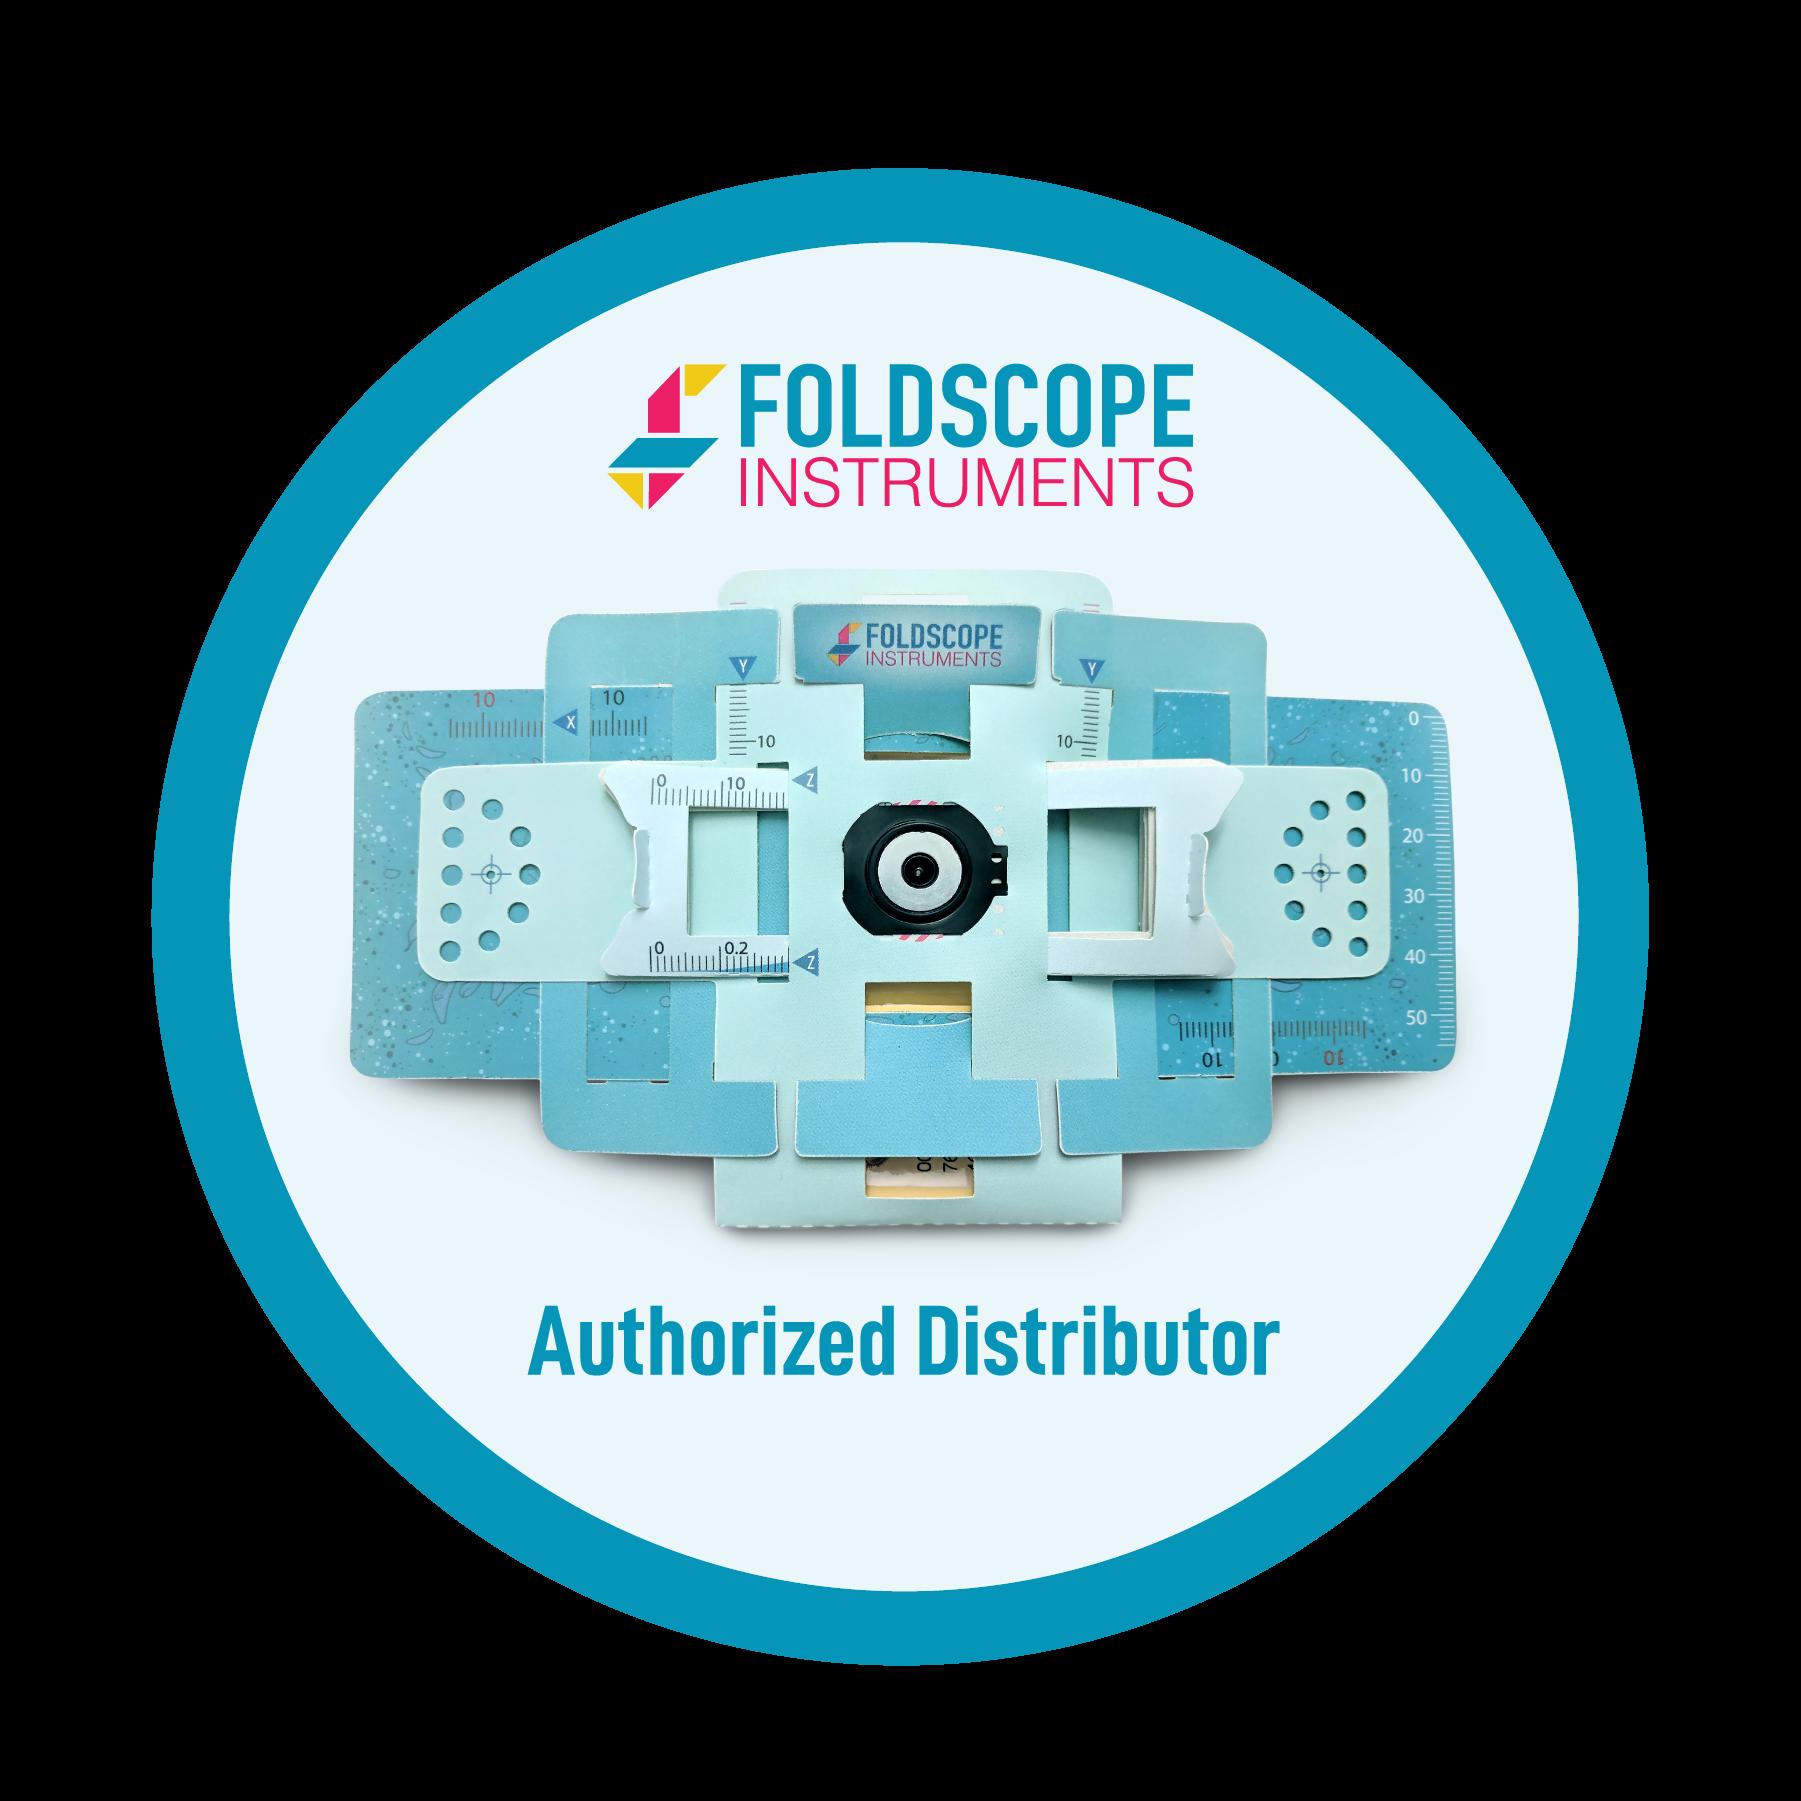 Foldscope_StyleGuide-02.png